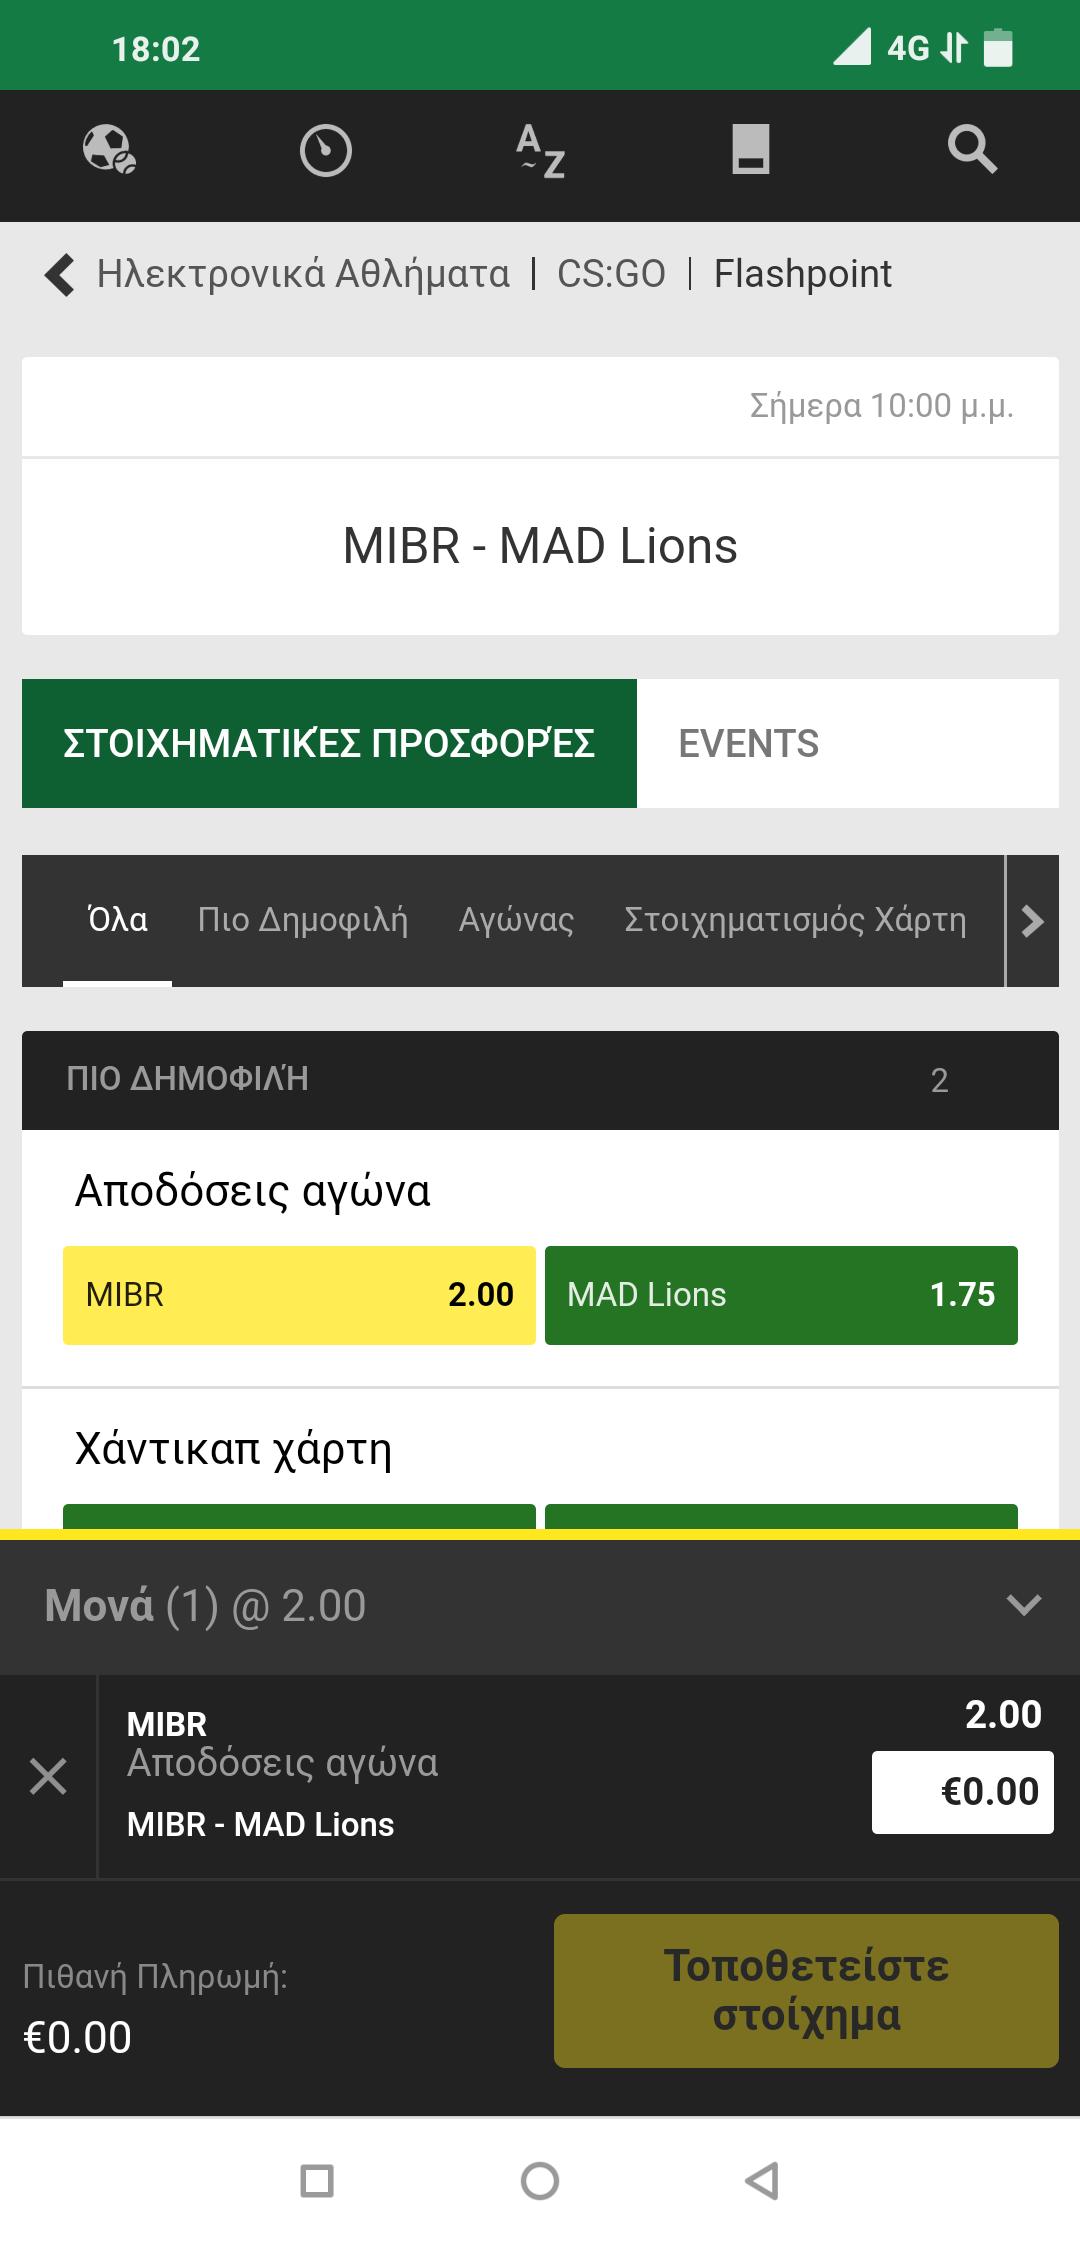 Screenshot_2020-04-19-18-02-34-490_com.android.chrome.png